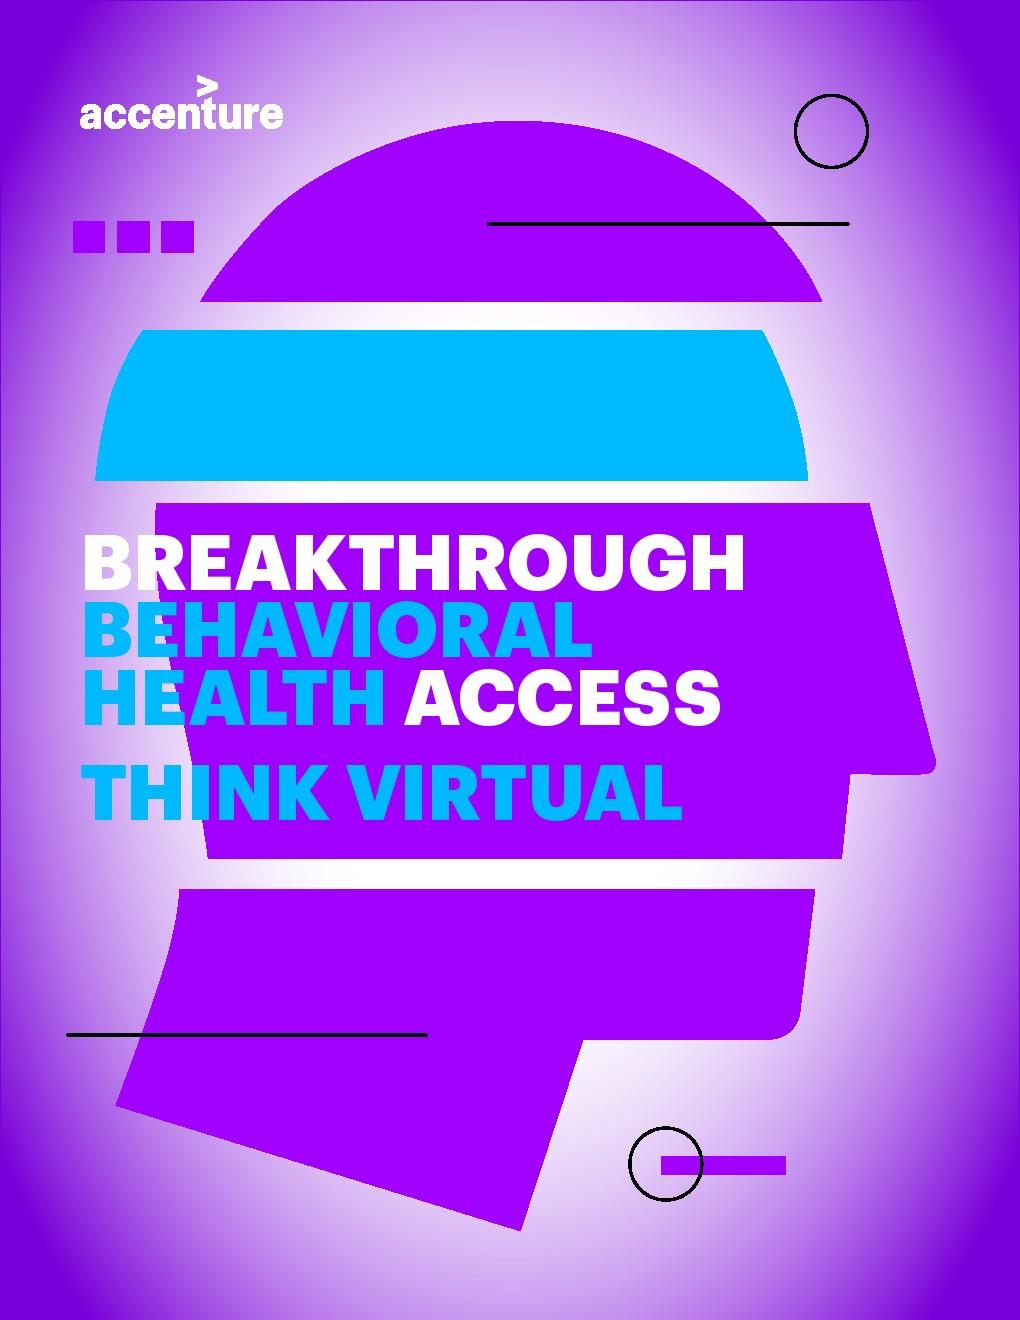 埃森哲:提供行为健康治疗的虚拟思维